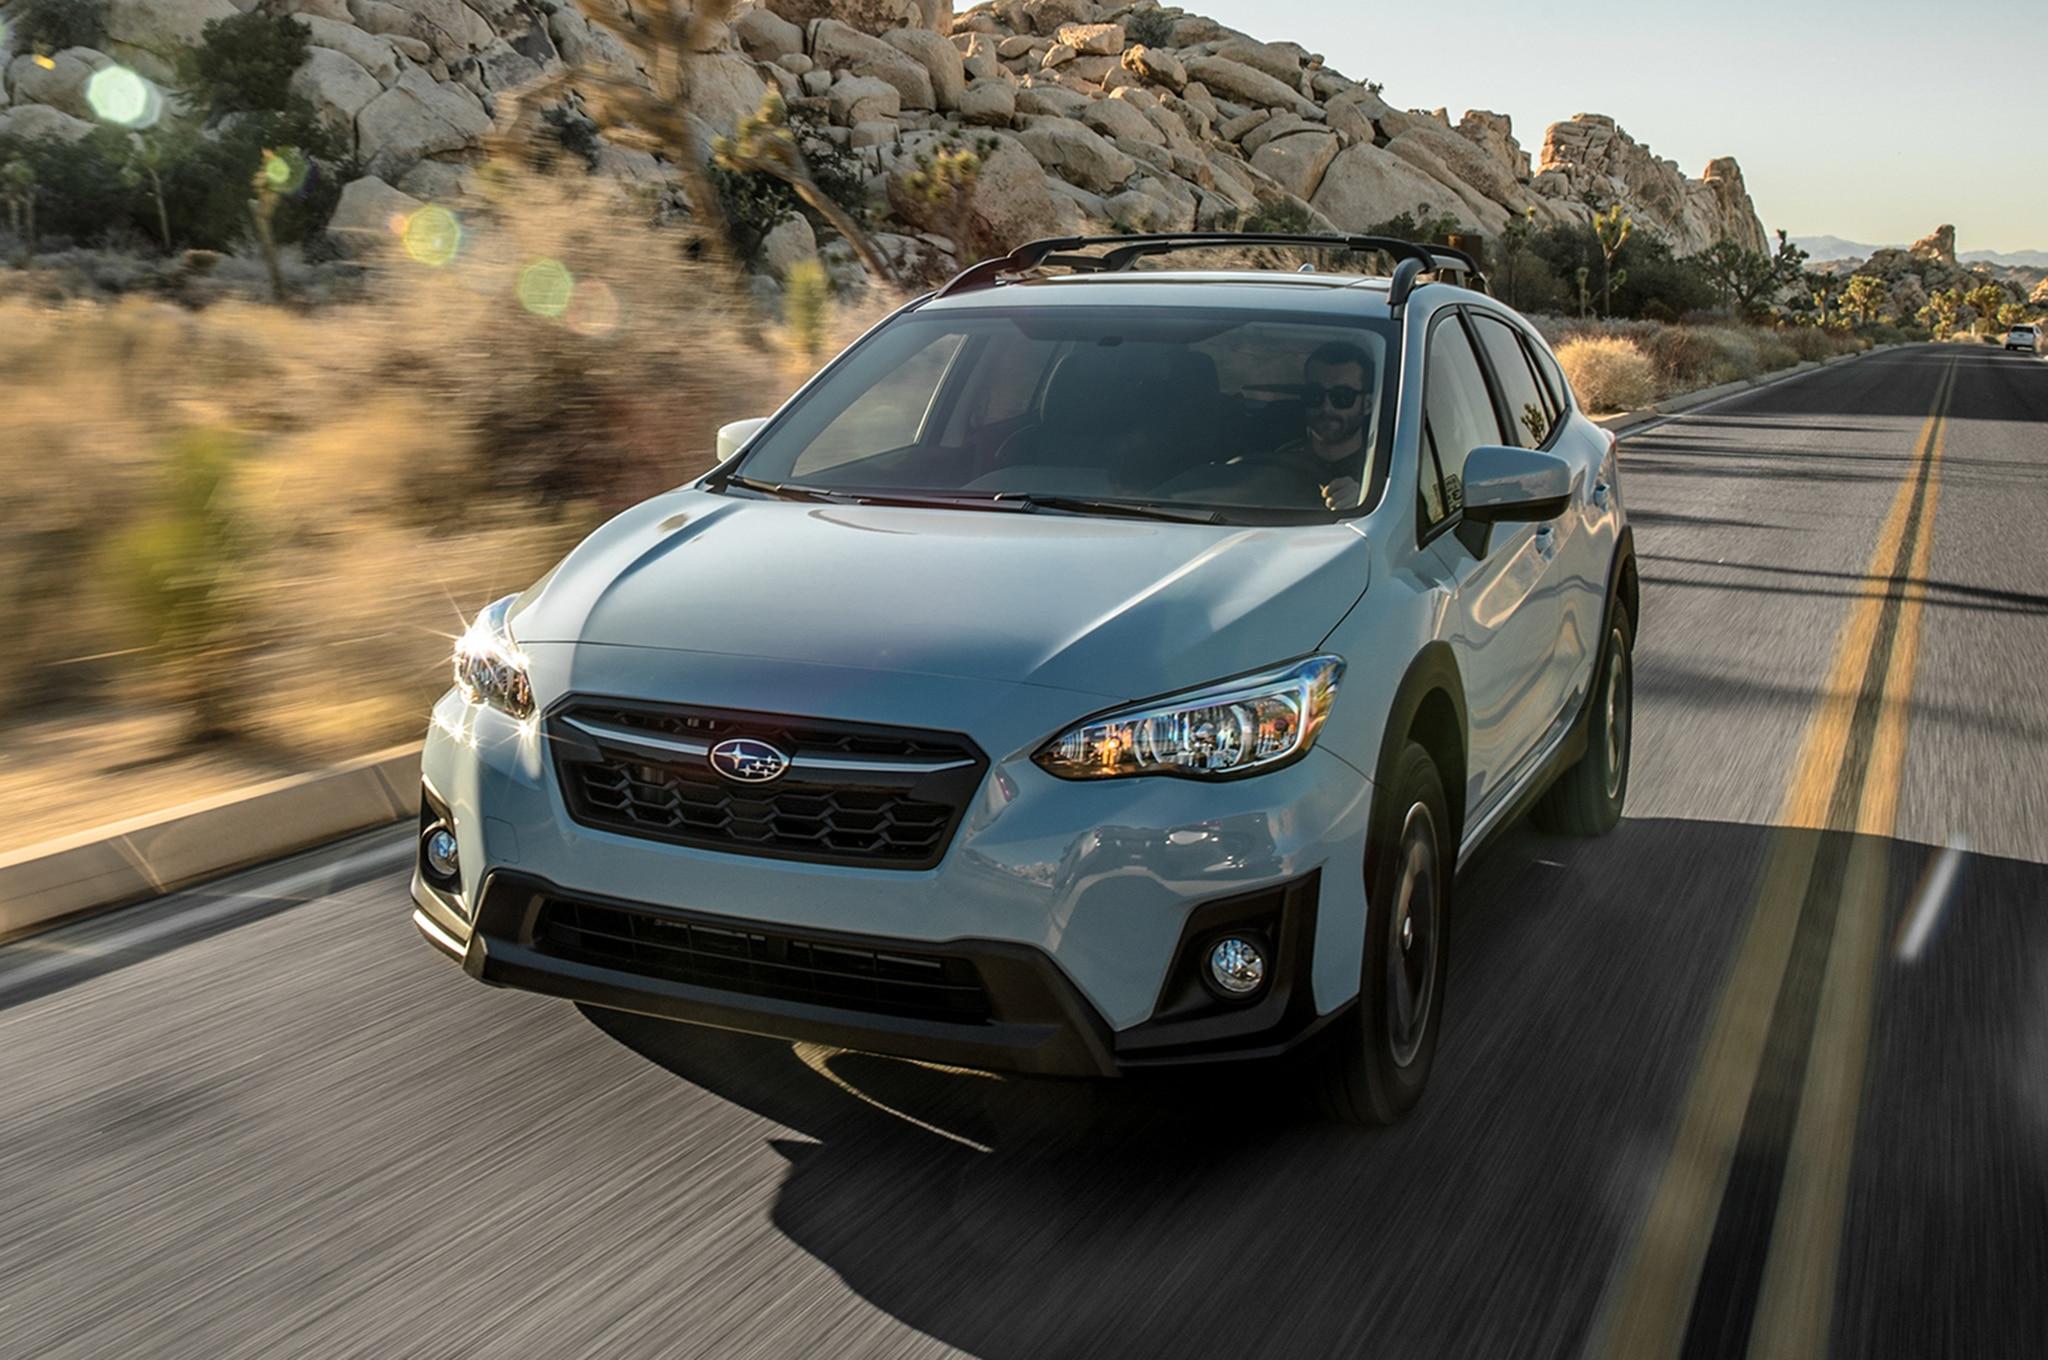 2018 Subaru Crosstrek 2 0i Premium Front Three Quarter In Motion 11